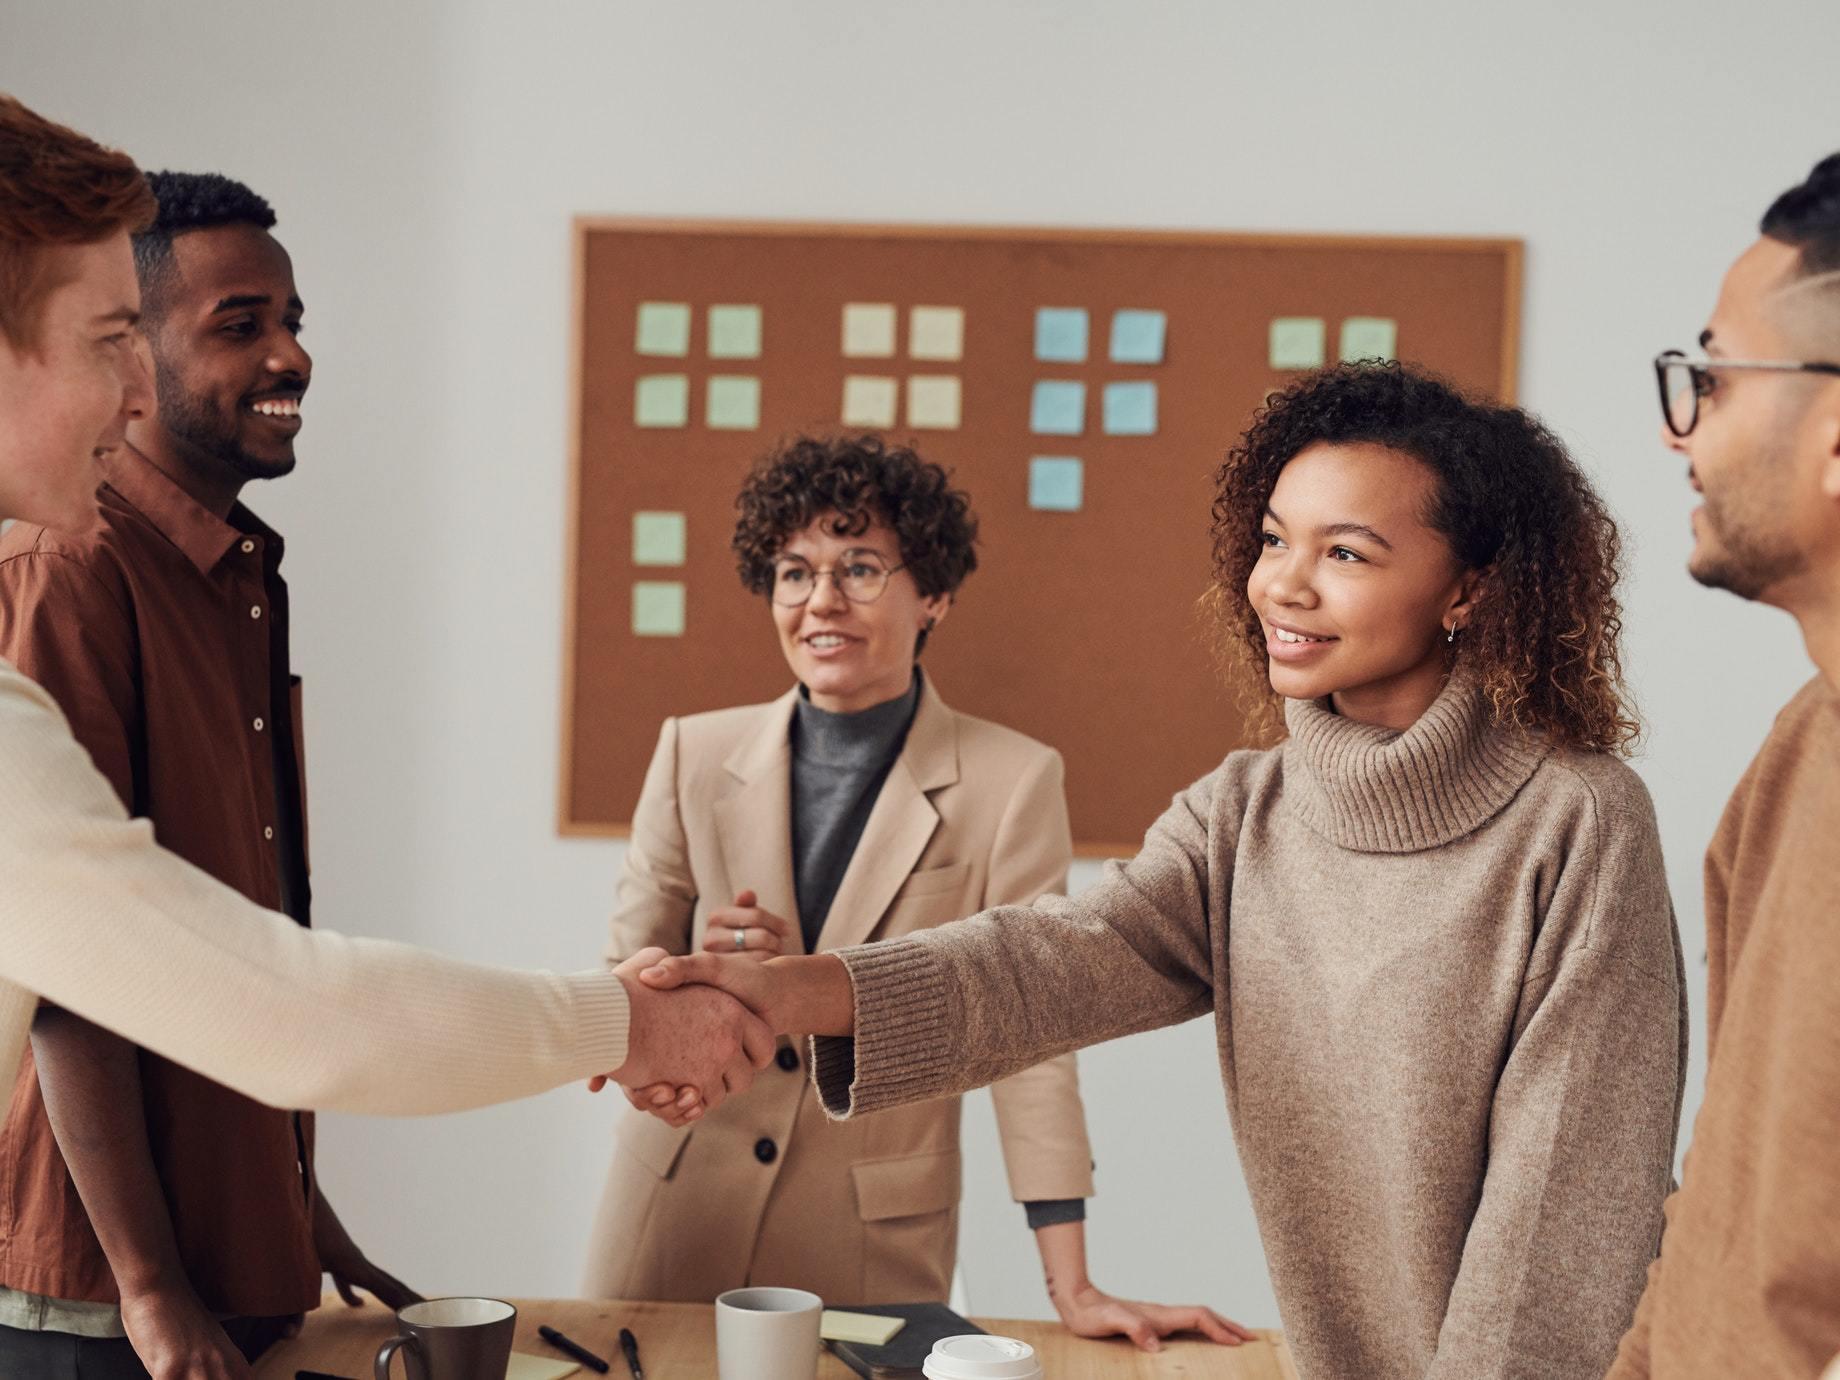 用提問代替說理是更高端的說服!3種提問方式,讓你一提問就達到目的